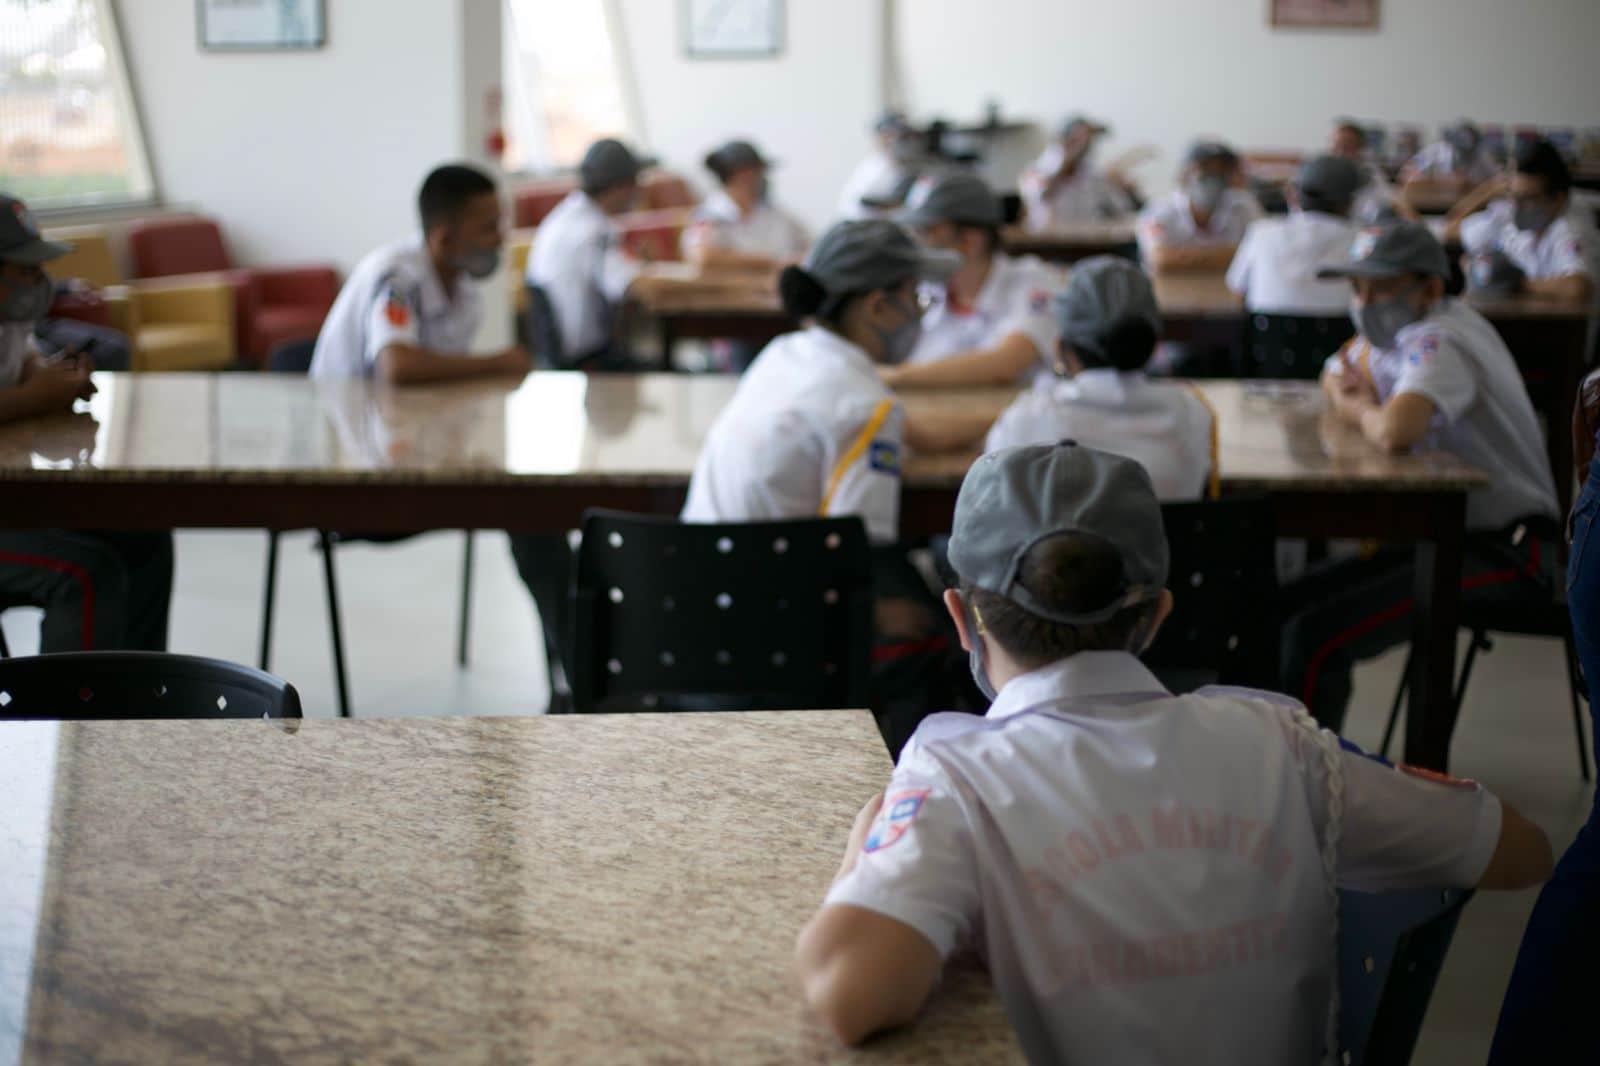 Em solenidade, Escola Militar Tiradentes é inaugurada em Sinop 6